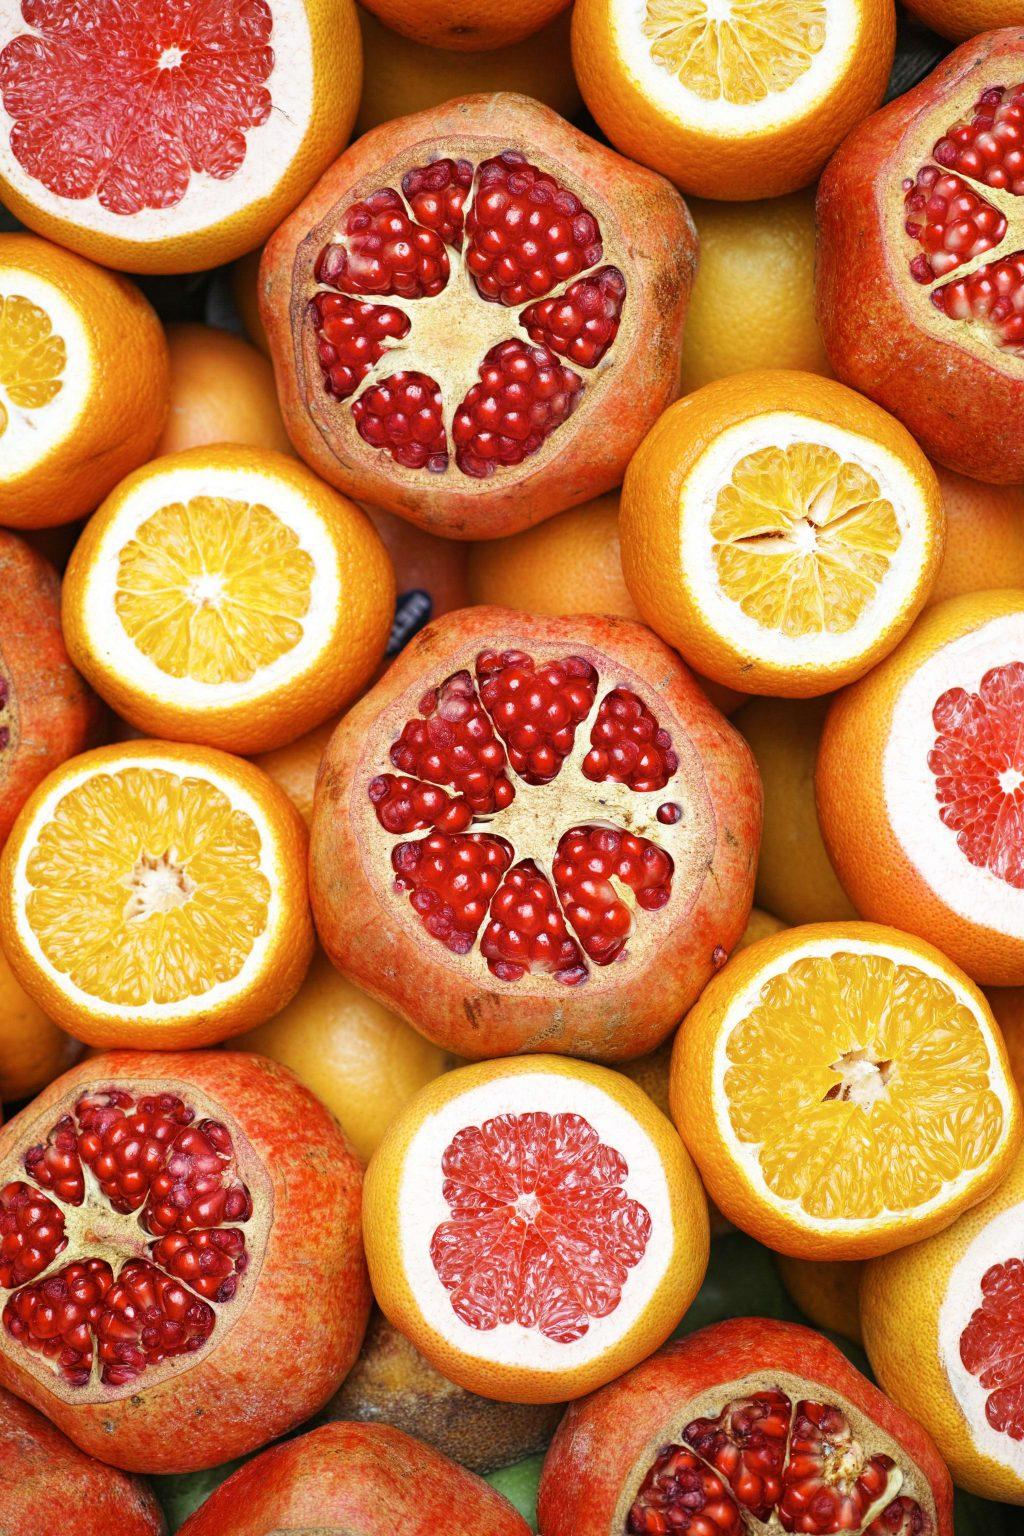 Da lão hóa cần bổ sung Vitamin C.